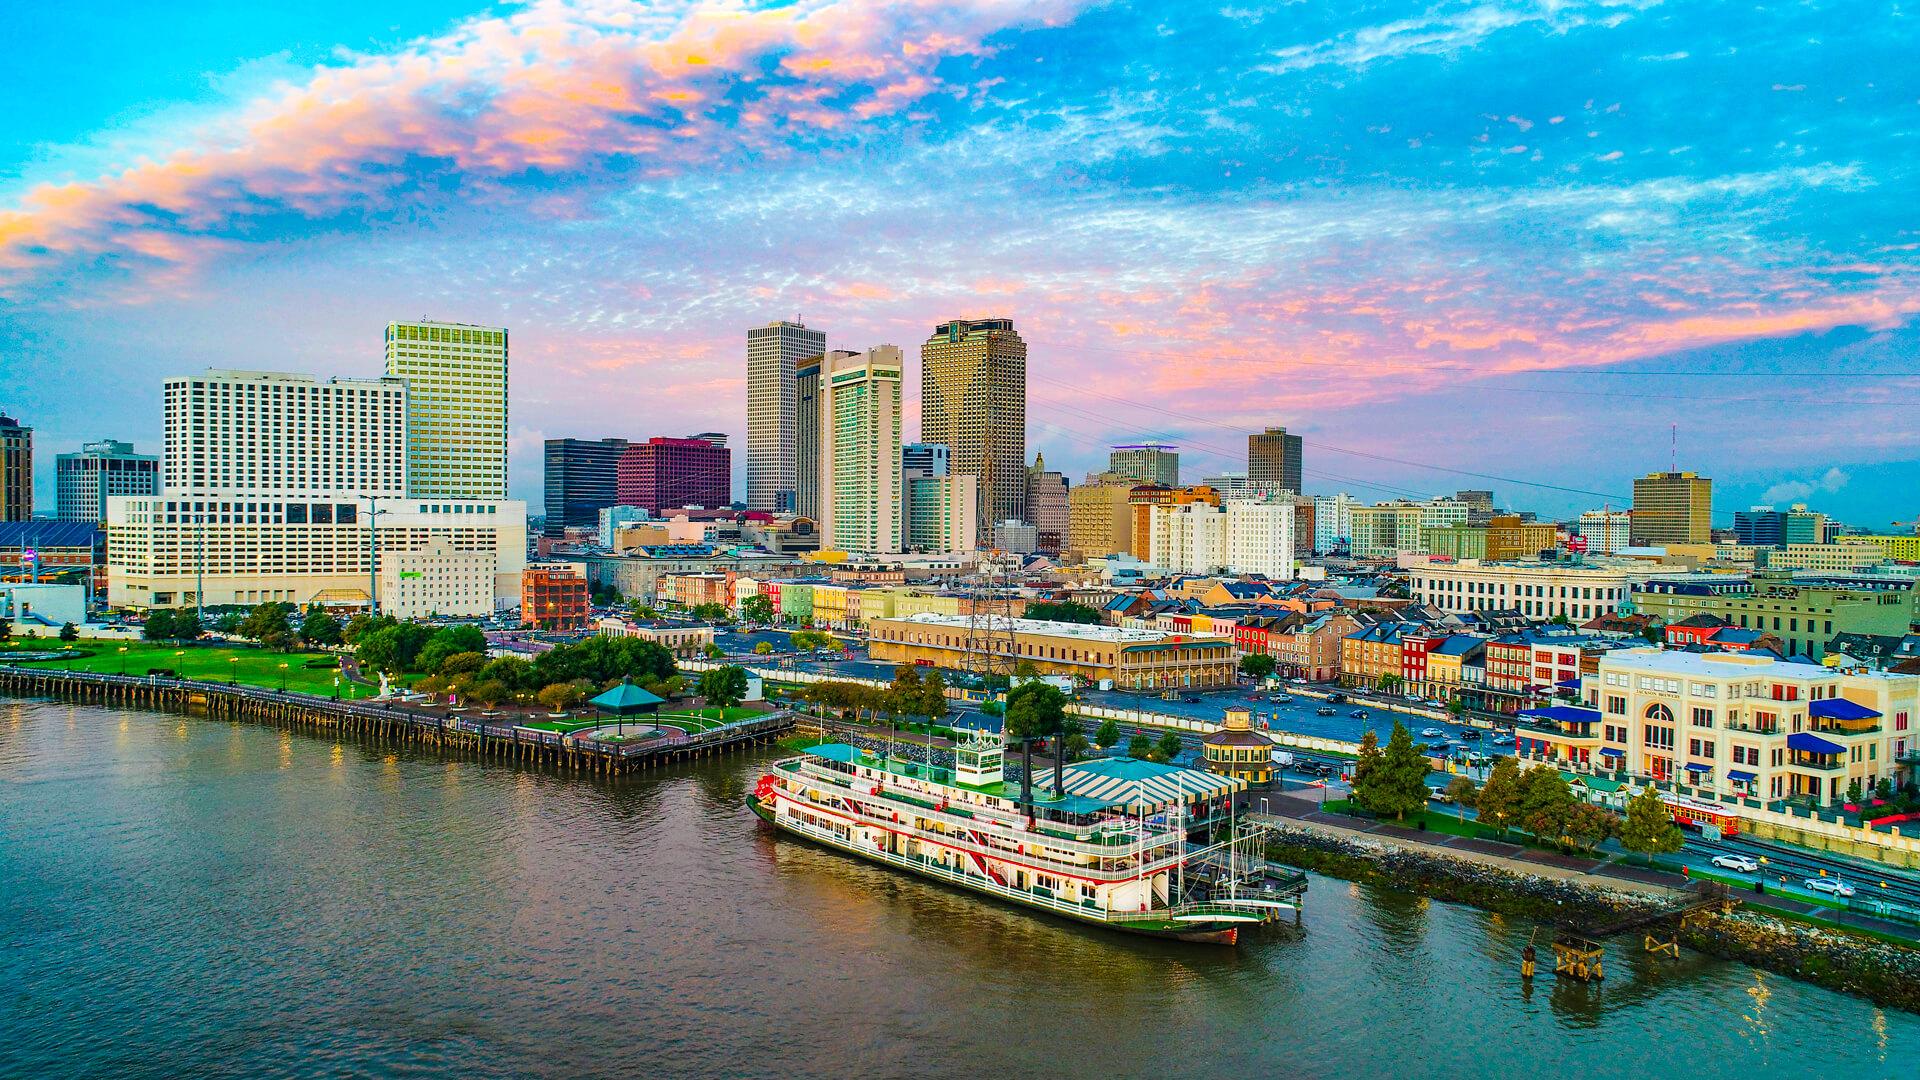 Les charmes de La Nouvelle-Orléans